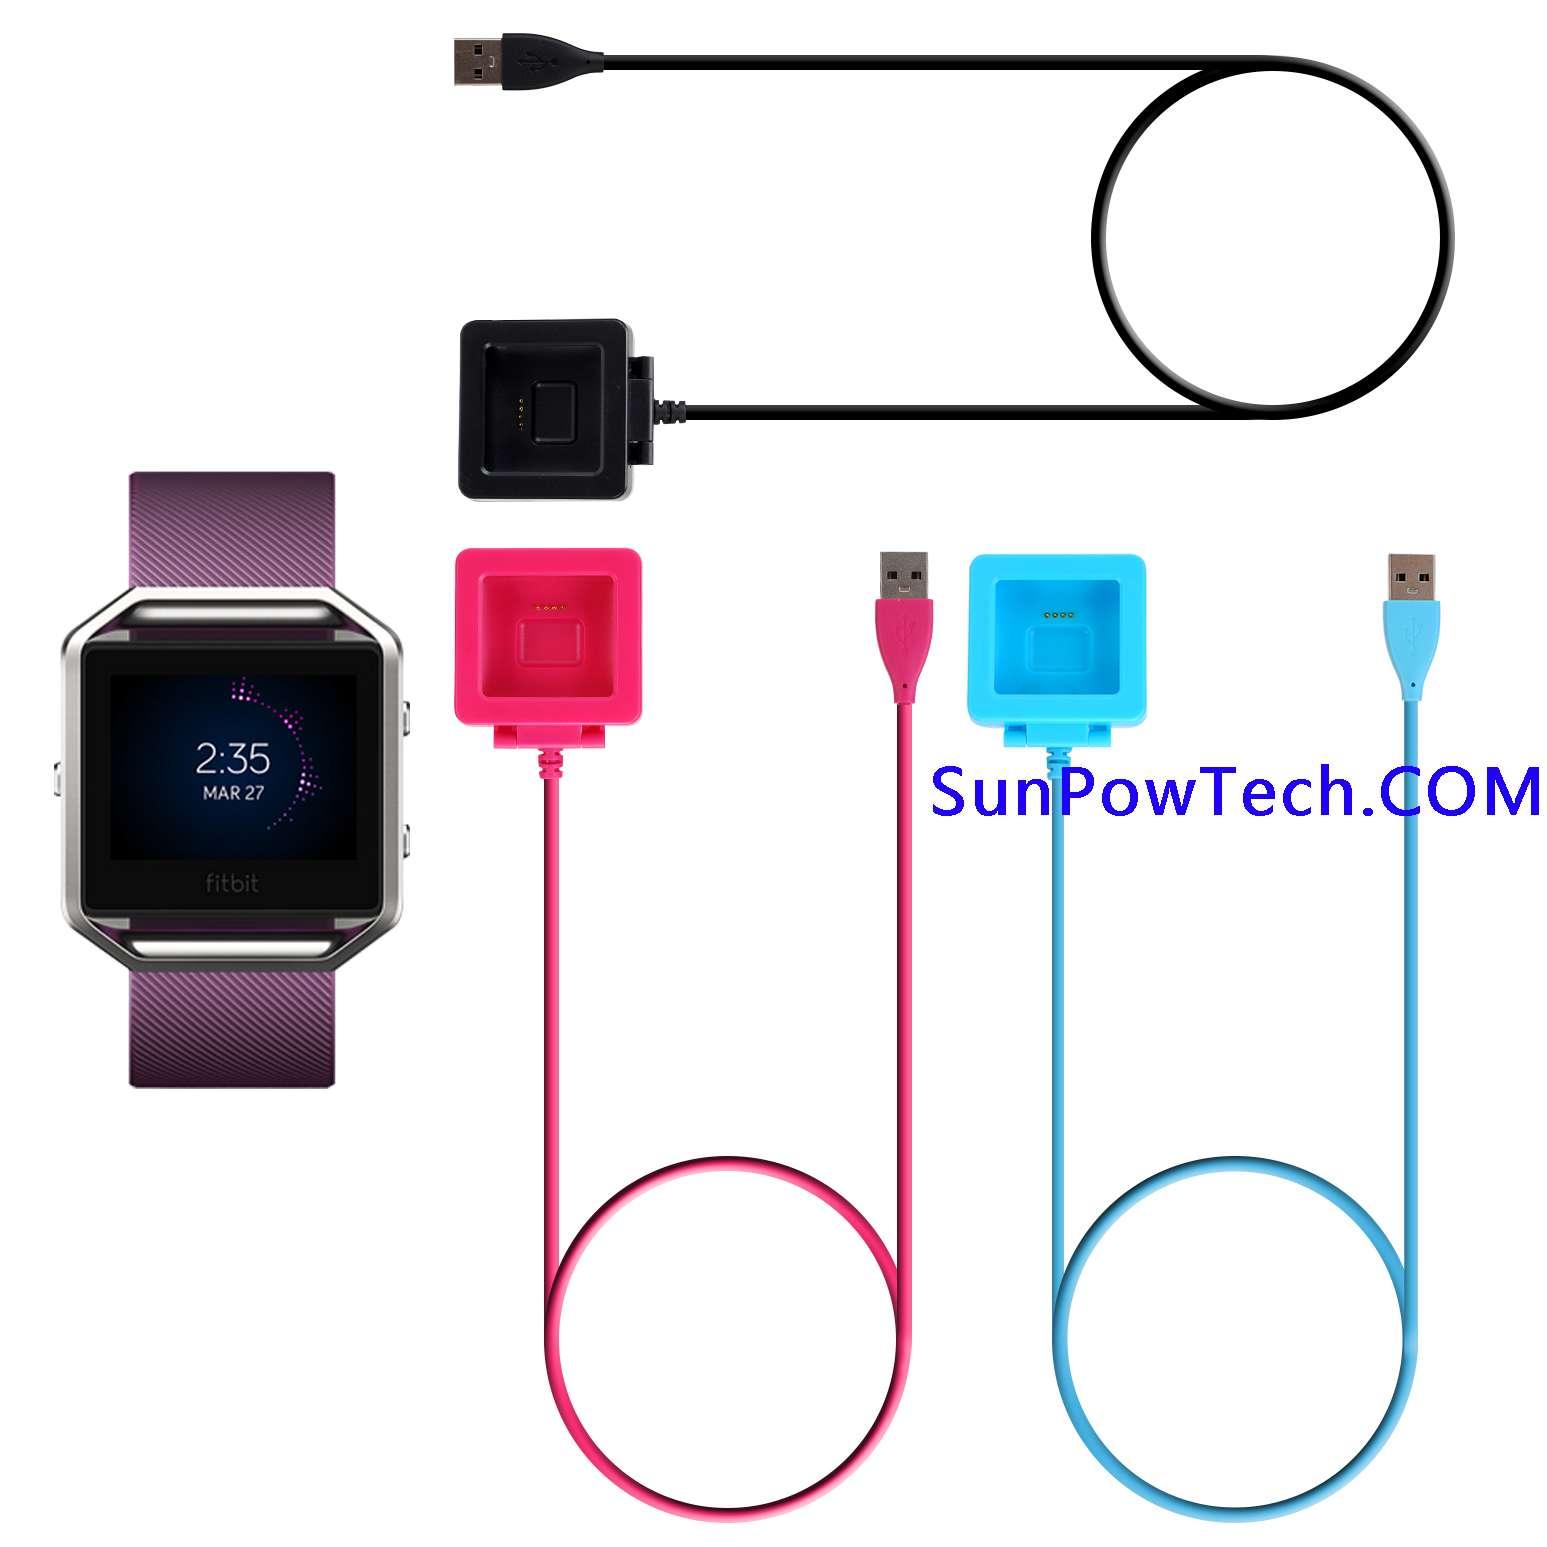 Fitbit Blaze Smartwatch Charger ABUIABACGAAg8fKnuwUokI7XjwEwiww4iww